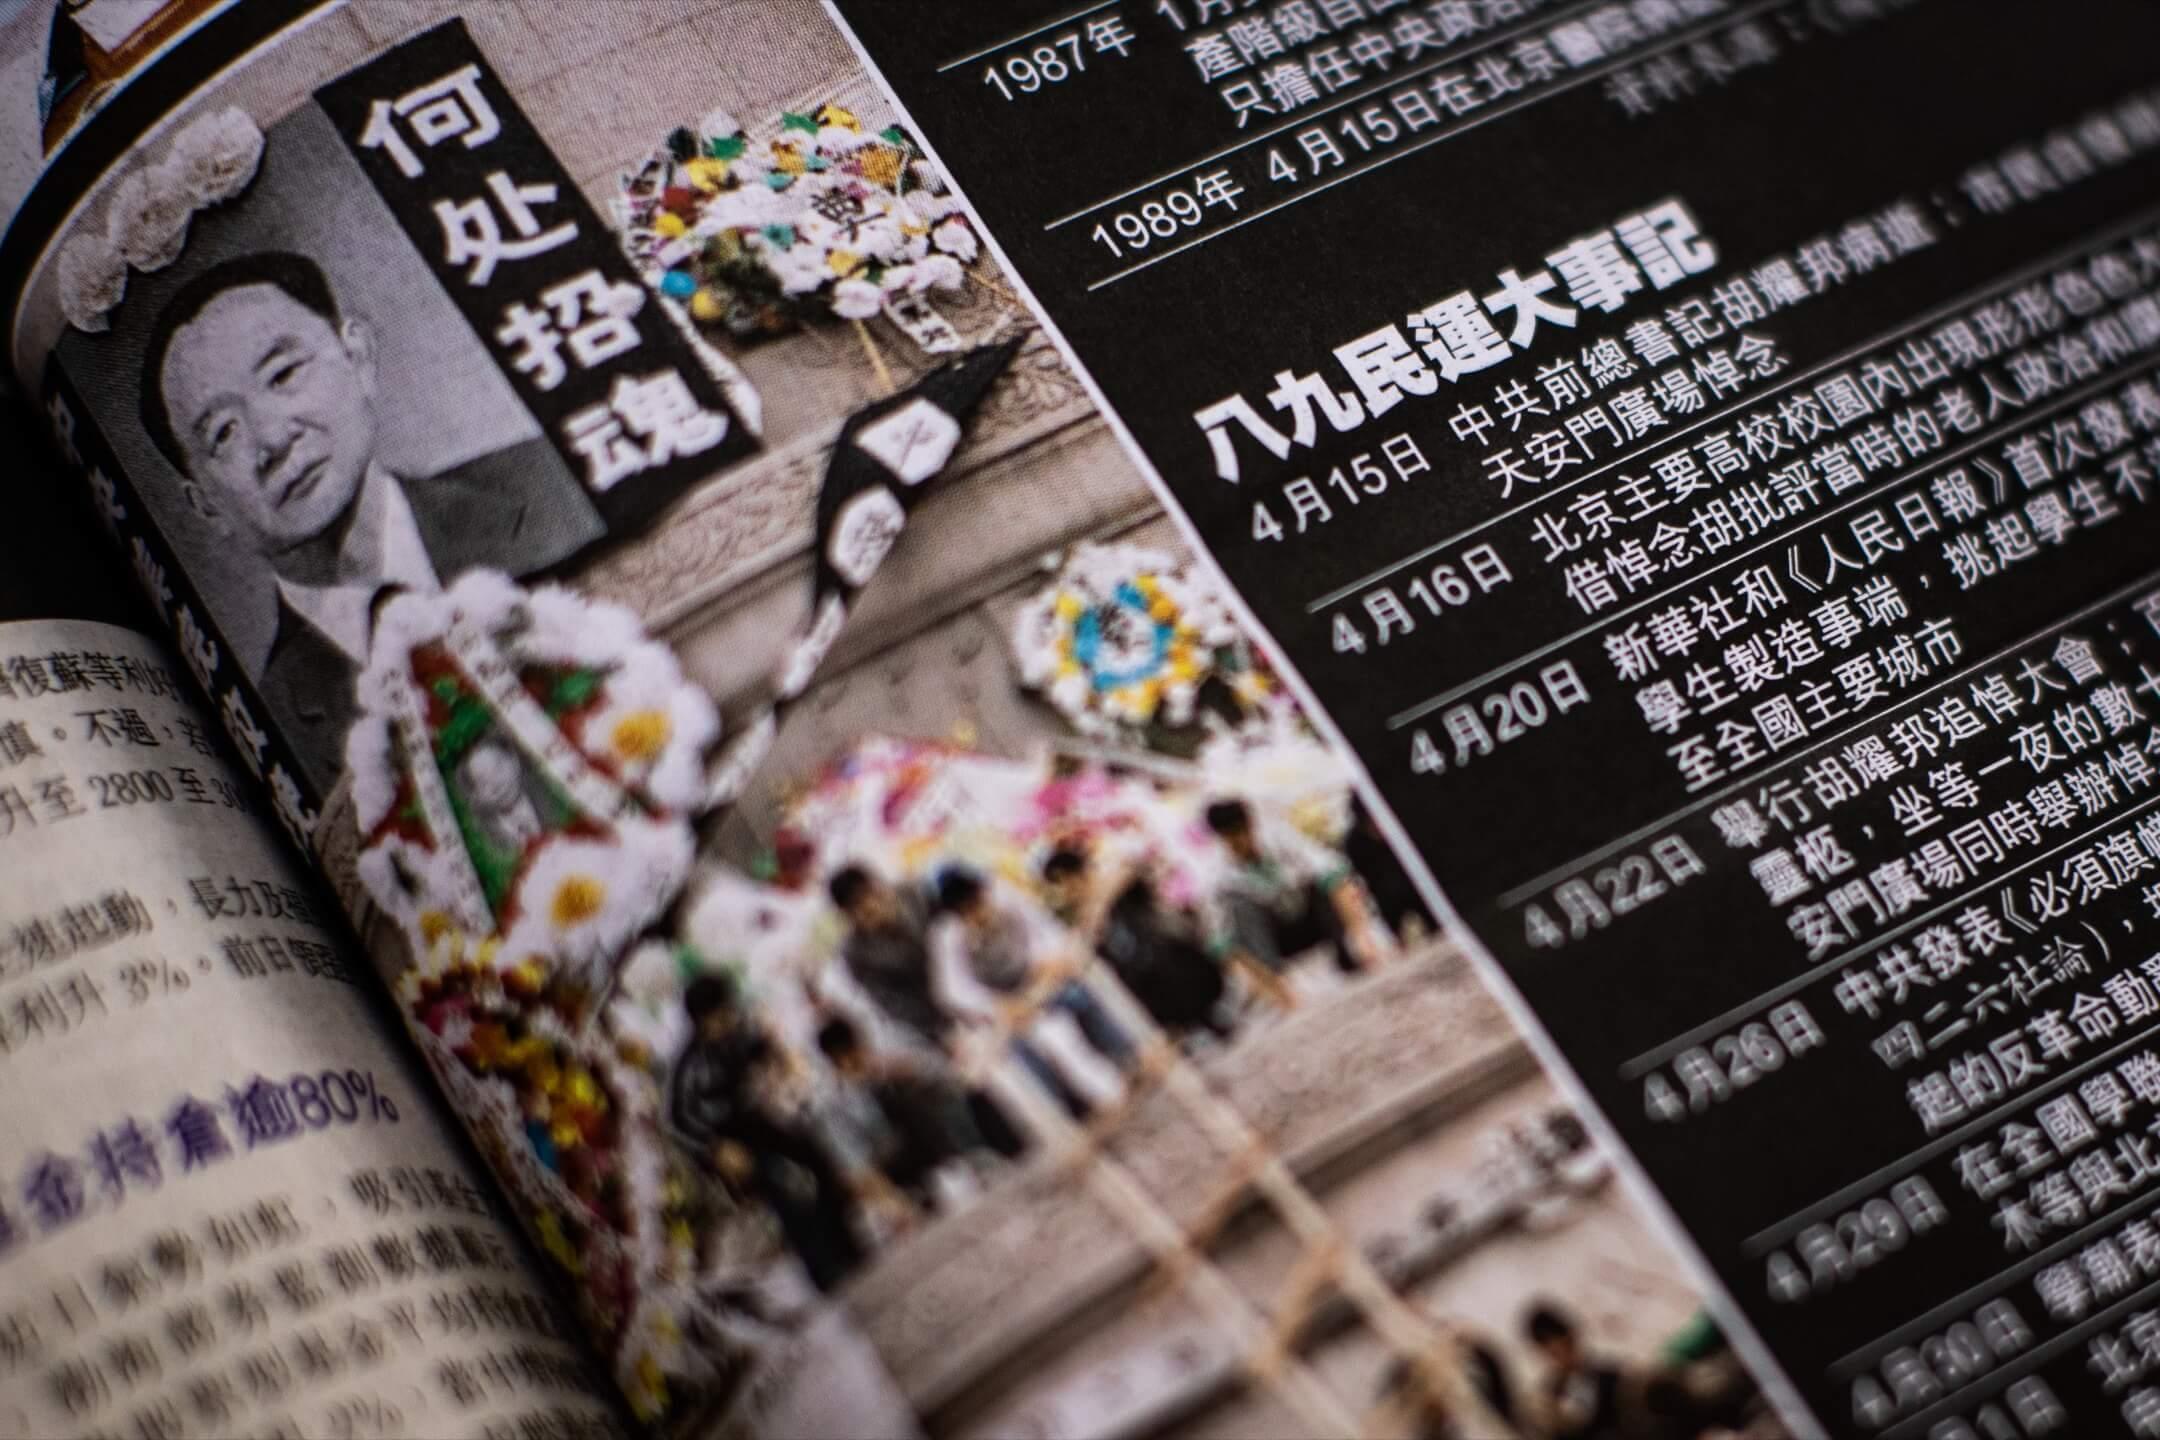 時間是記憶最大的小偷,報道六四的慘劇,一如跟時間競賽。 攝:Stanley Leung/端傳媒